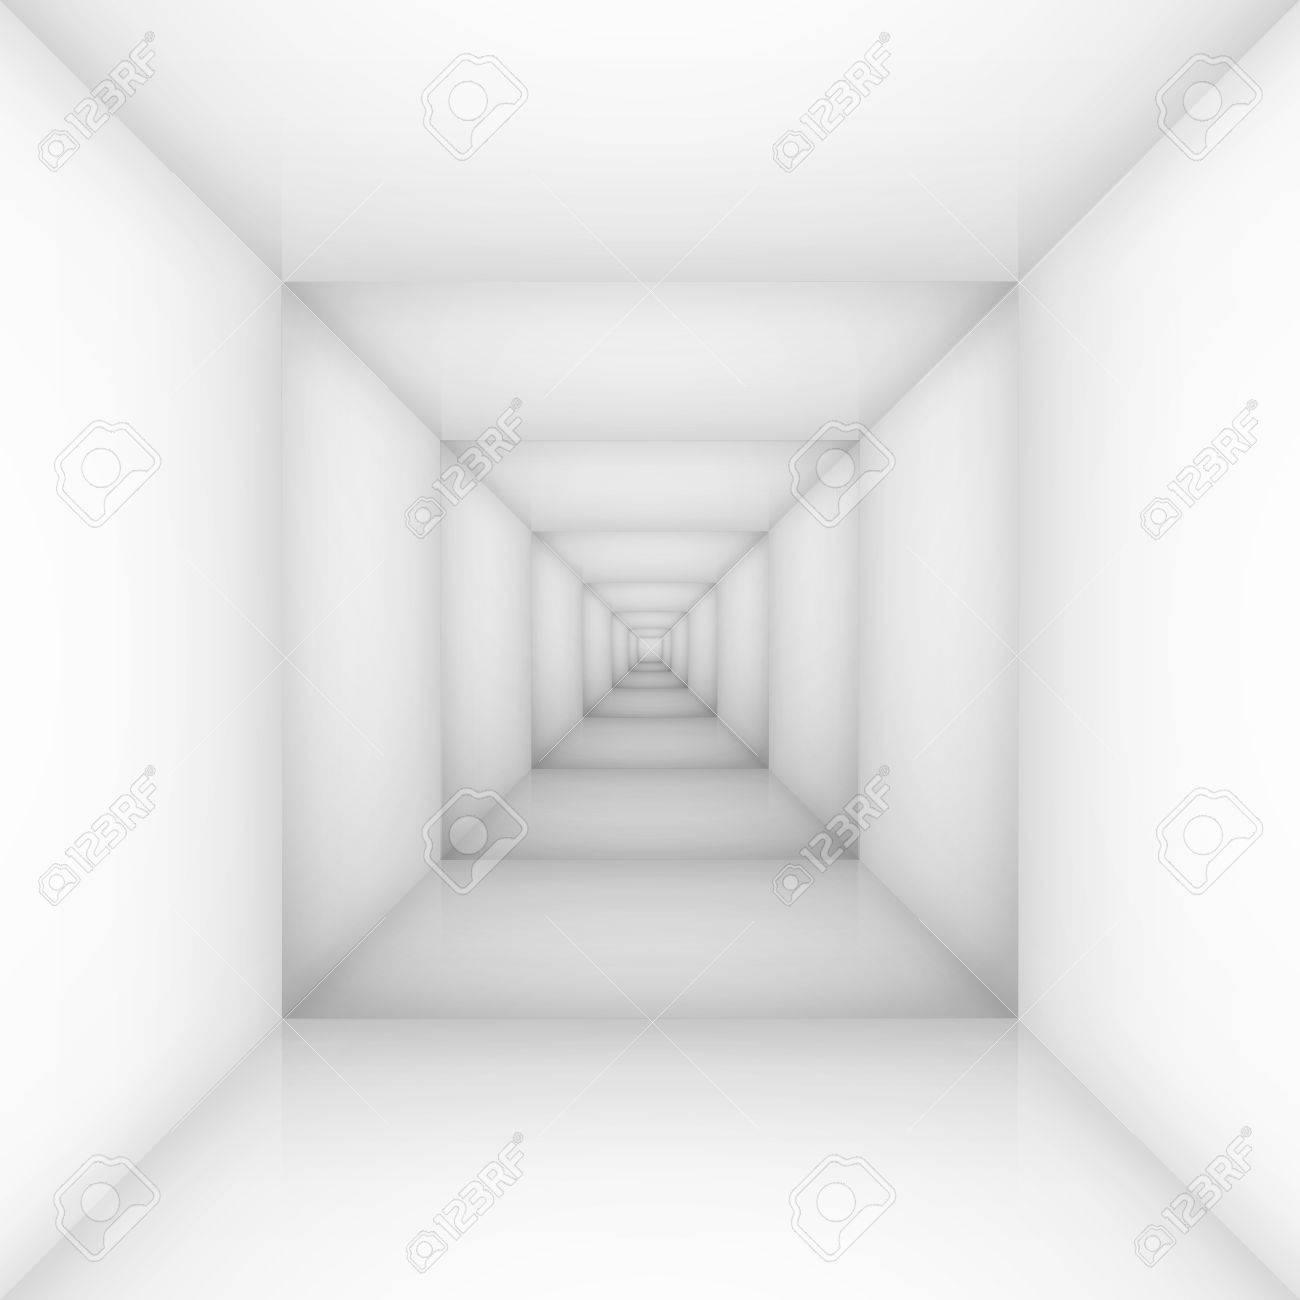 White empty room, box. Illustration for design Stock Vector - 16976777